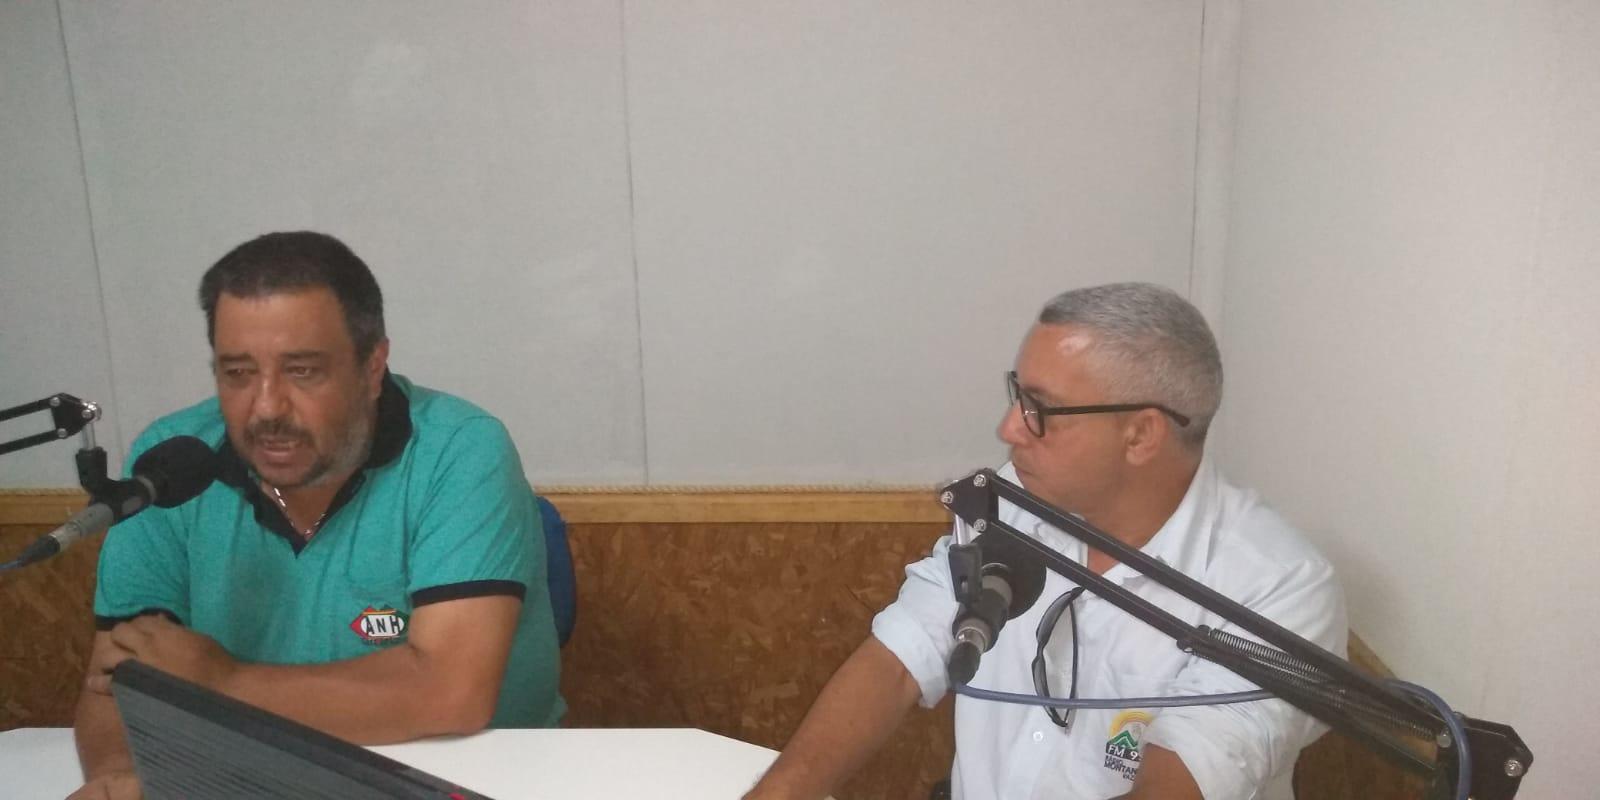 Arrecadação em prol da Casa de Apoio aos doentes de Câncer de Vazante em Barretos supera a do ano passado